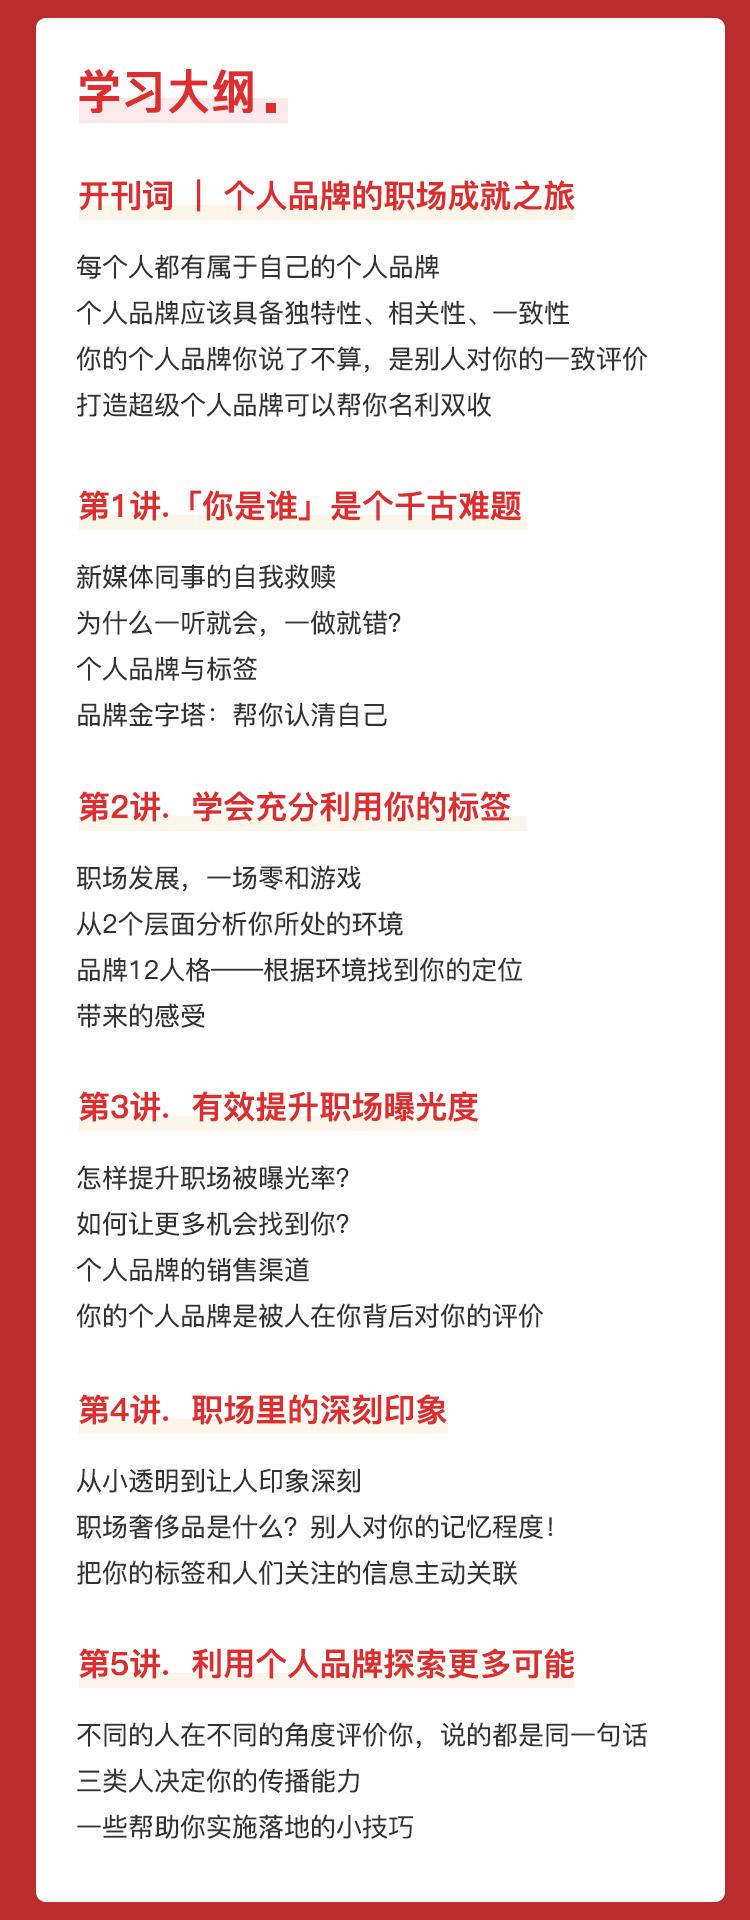 http://mtedu-img.oss-cn-beijing-internal.aliyuncs.com/ueditor/20181225191434_791167.jpg